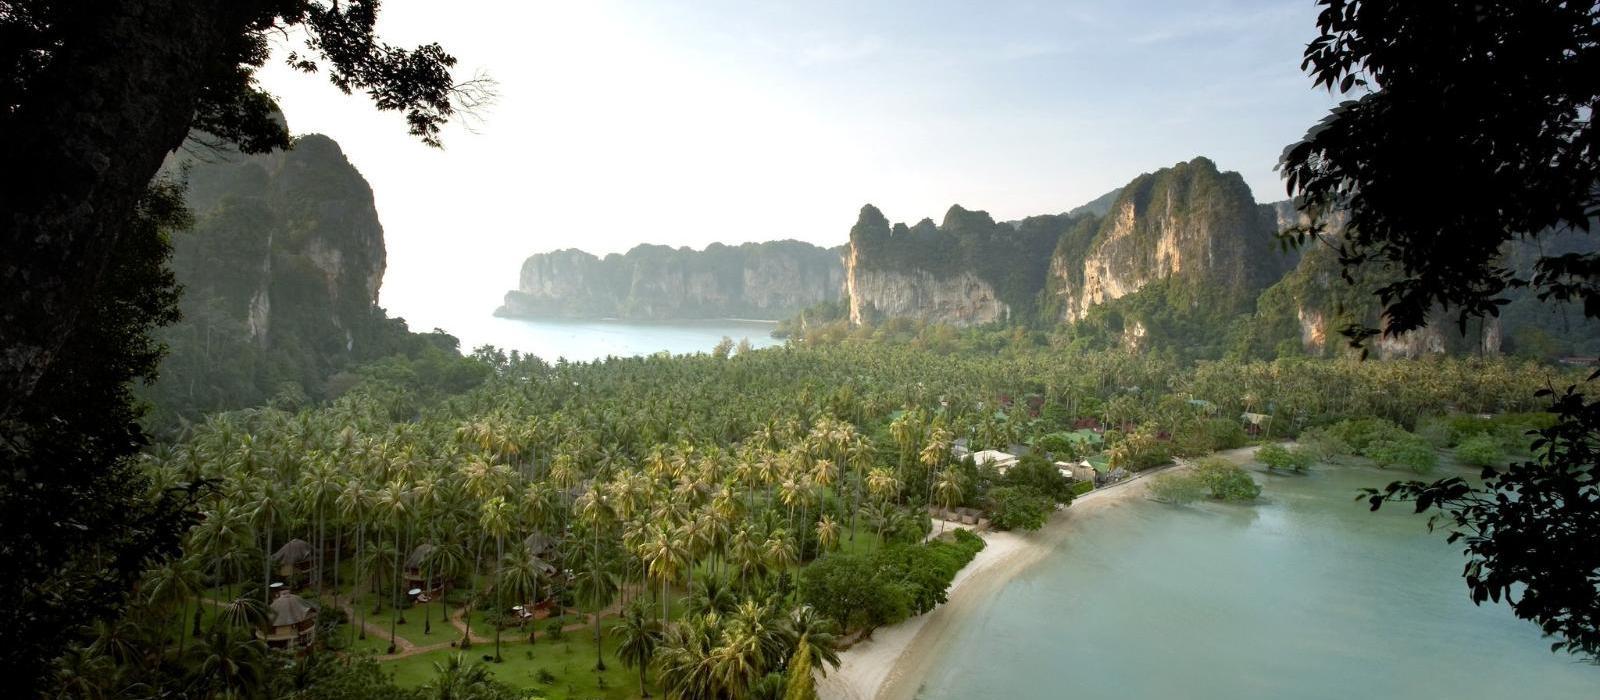 瑞亚维德度假酒店(Rayavadee) 景观图片  www.lhw.cn